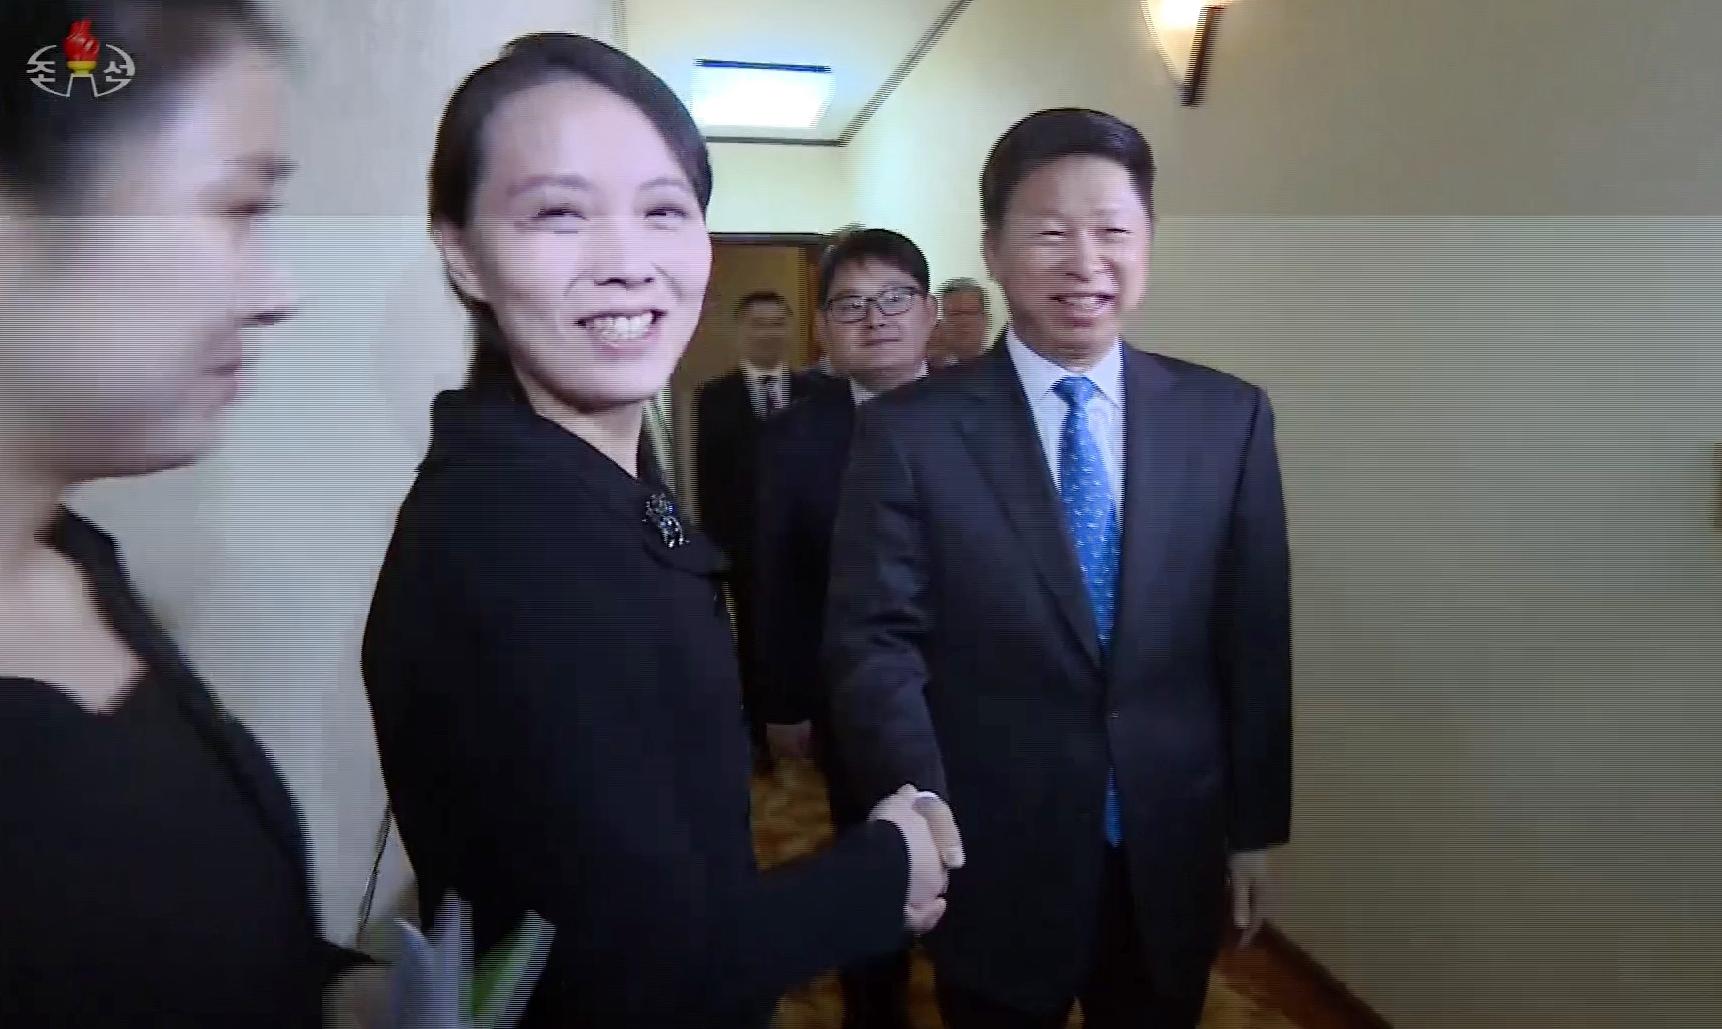 북한 조선중앙TV가 14일 방영한 영상에서 김여정 북한 노동당 제1부부장이 전날 중국 예술단의 숙소를 찾아 쑹타오(宋濤) 중국 공산당 대외연락부장과 악수하고 있다. [연합뉴스]